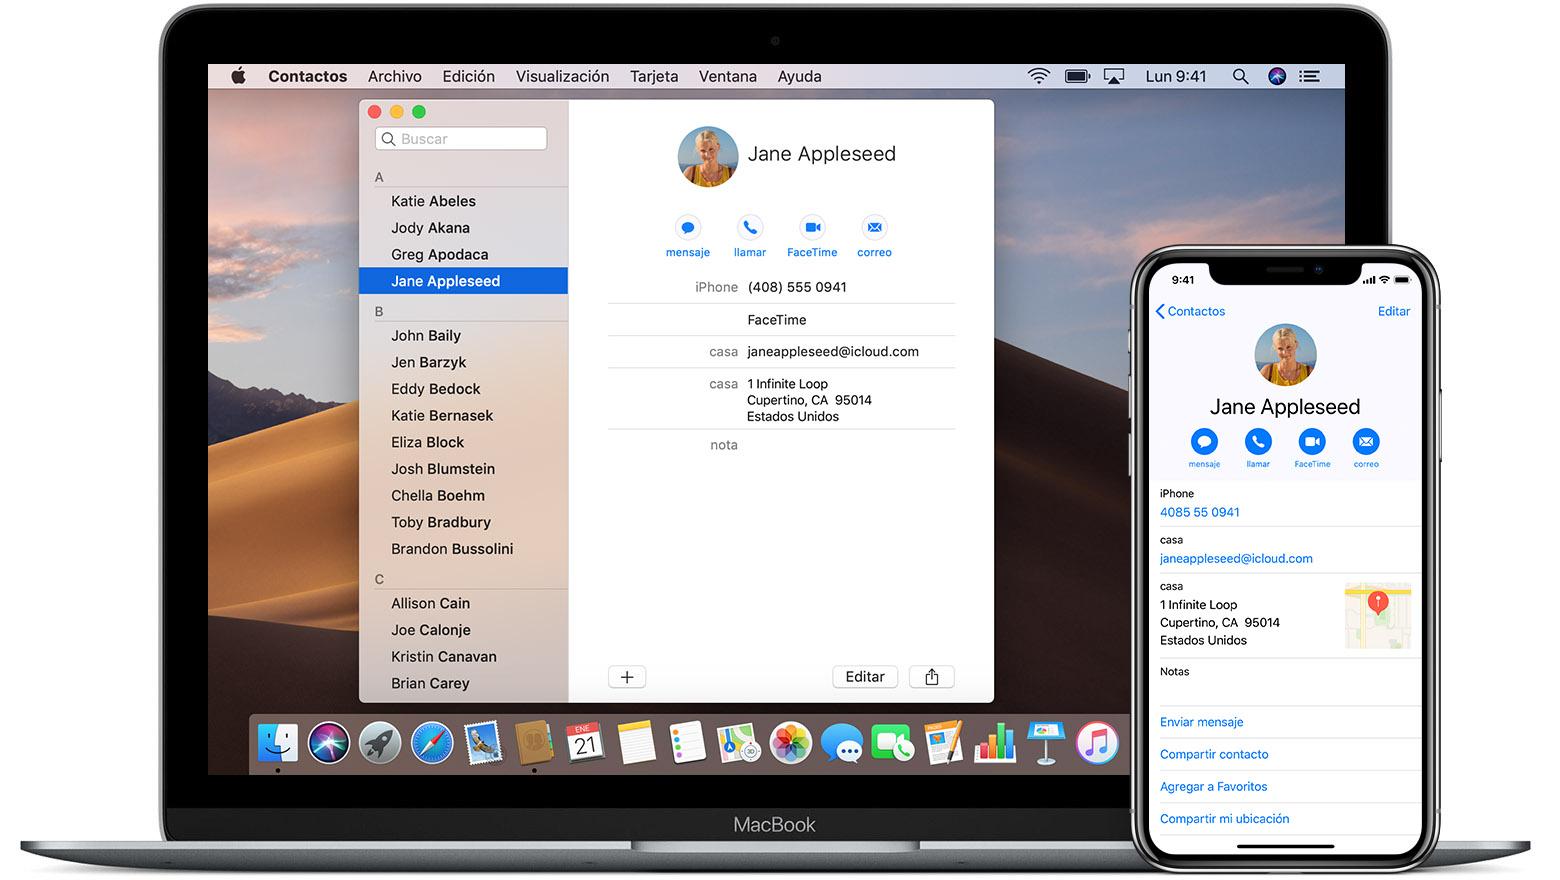 Come recuperare un contatto eliminato su iPhone? 1